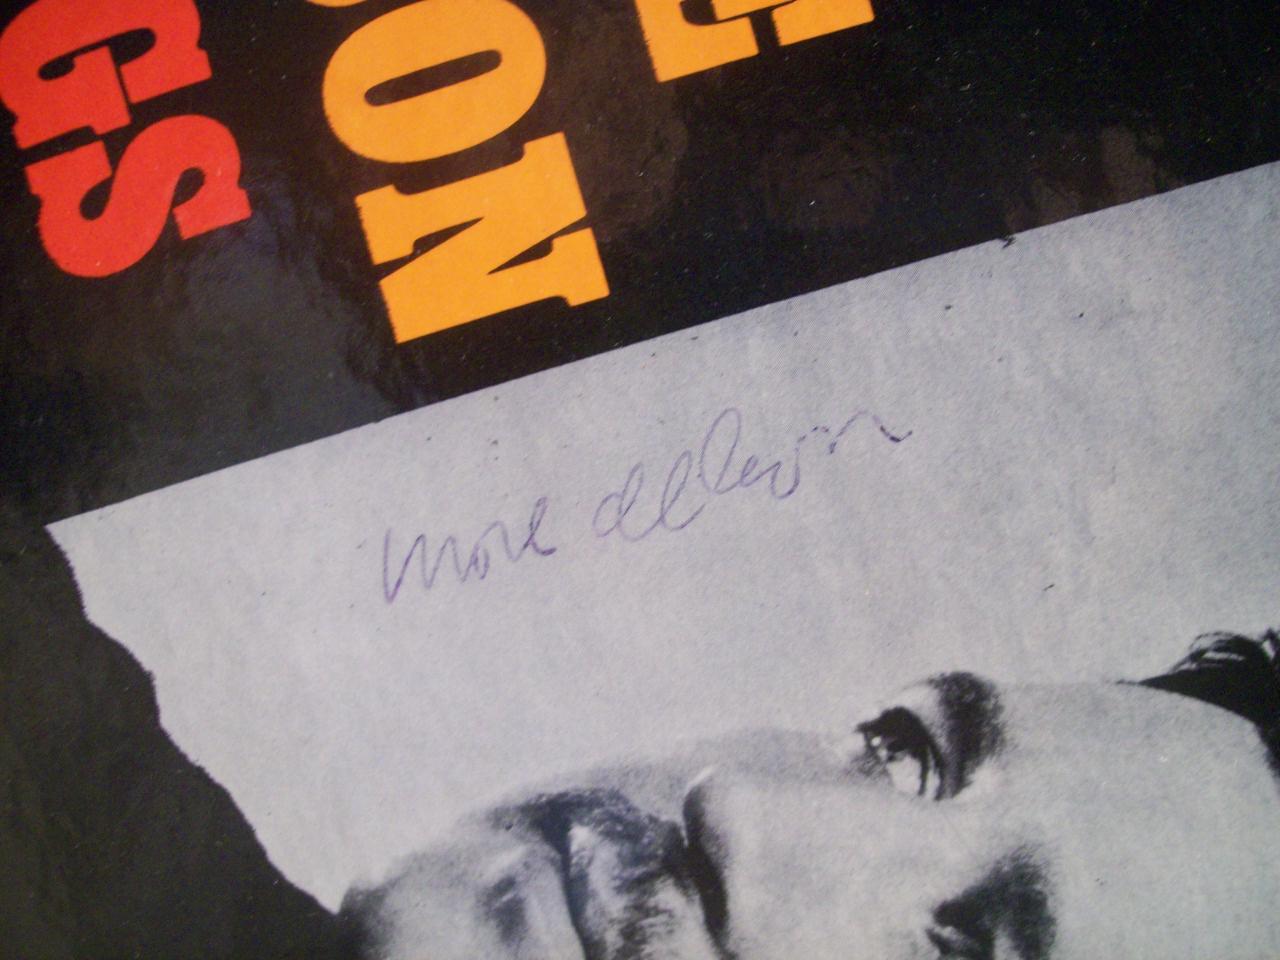 Allison, Mose LP Signed Autograph Sings Jazz